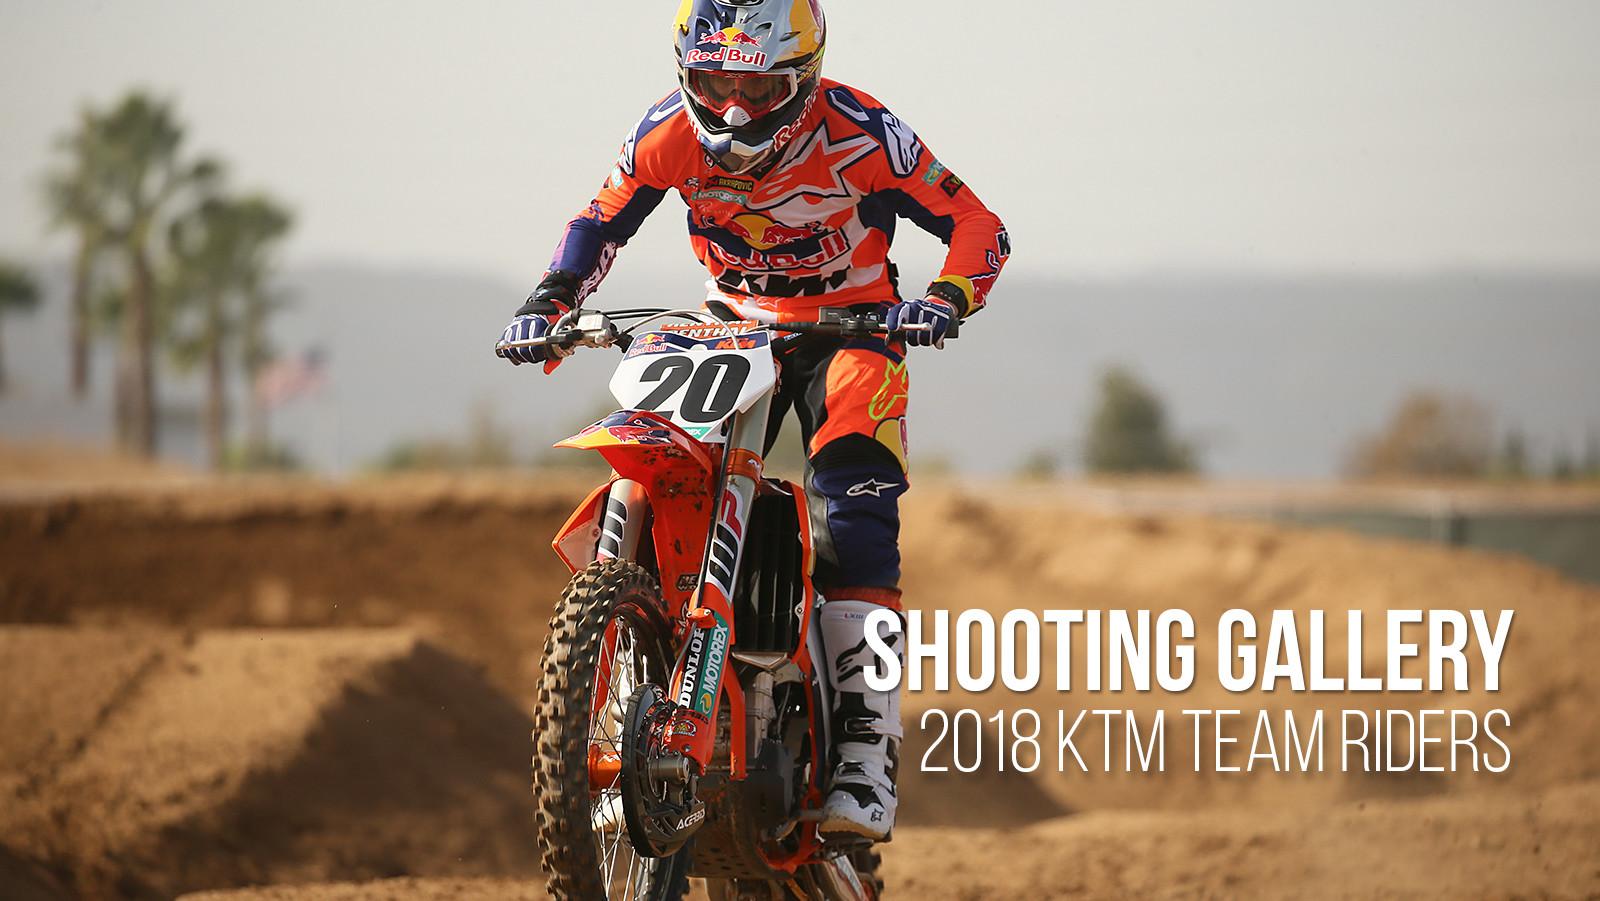 Shooting Gallery: 2018 KTM Team Riders